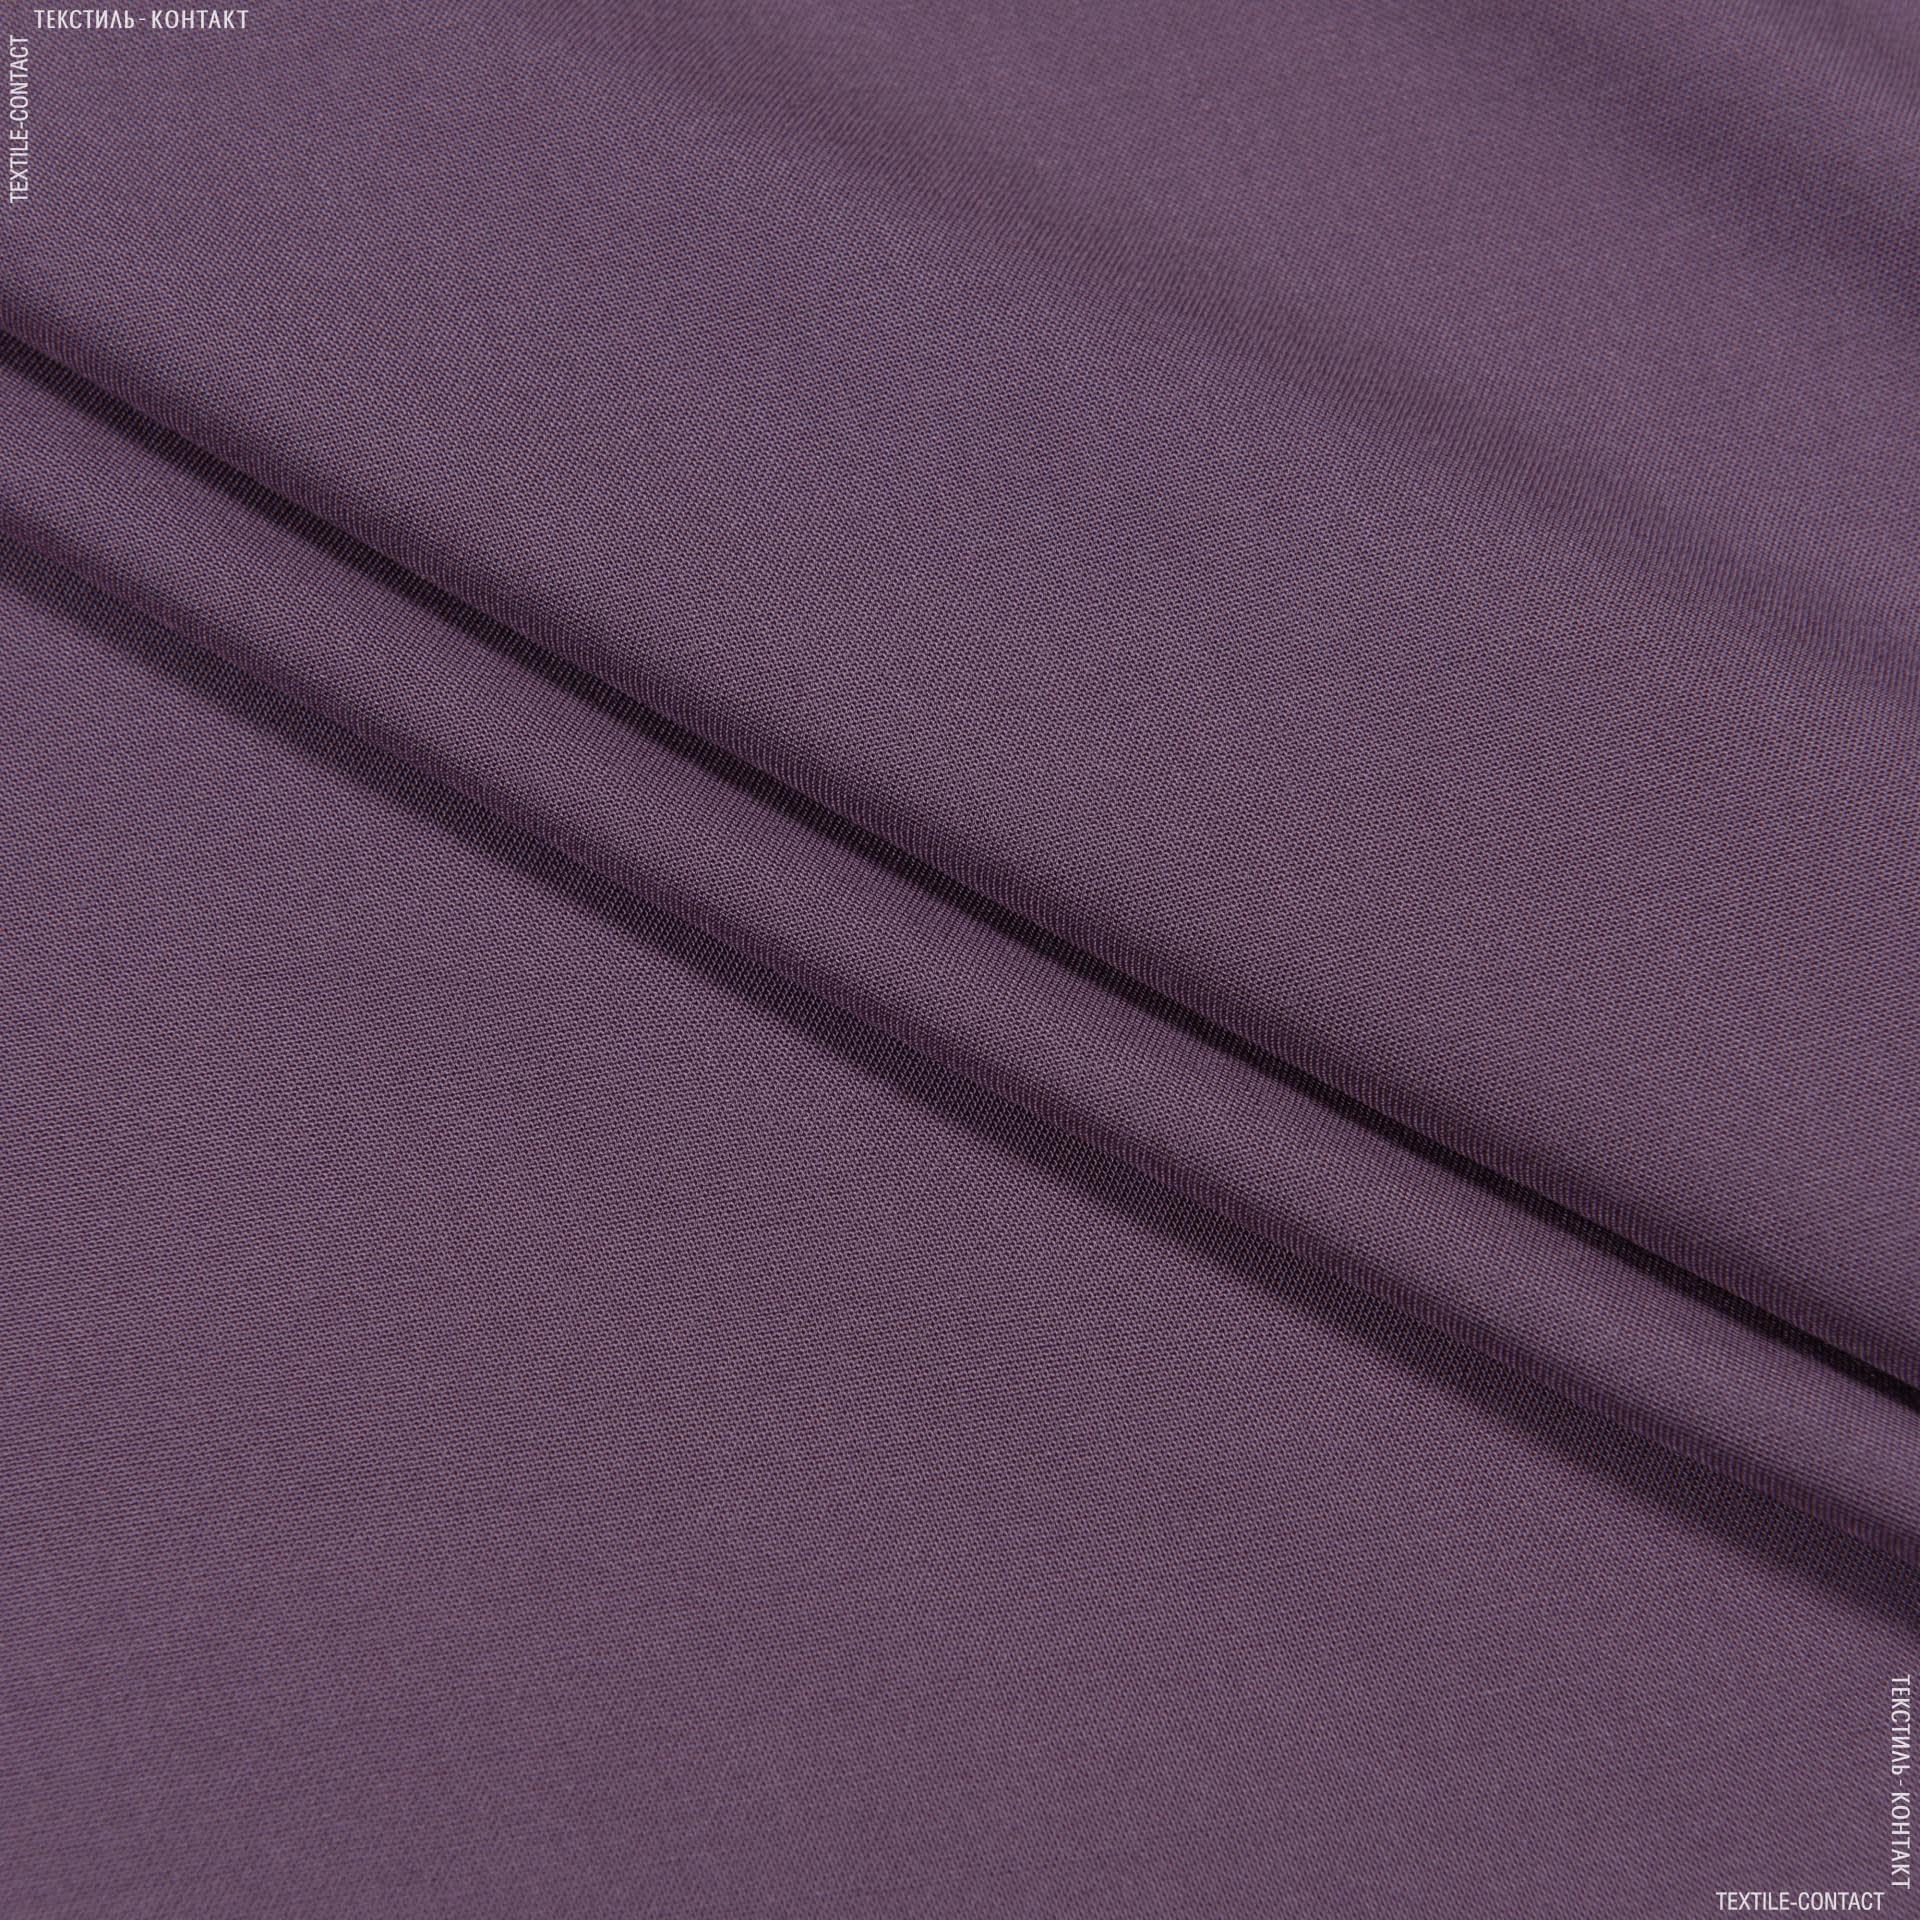 Ткани для детской одежды - Штапель фалма сиренево-фиолетовый